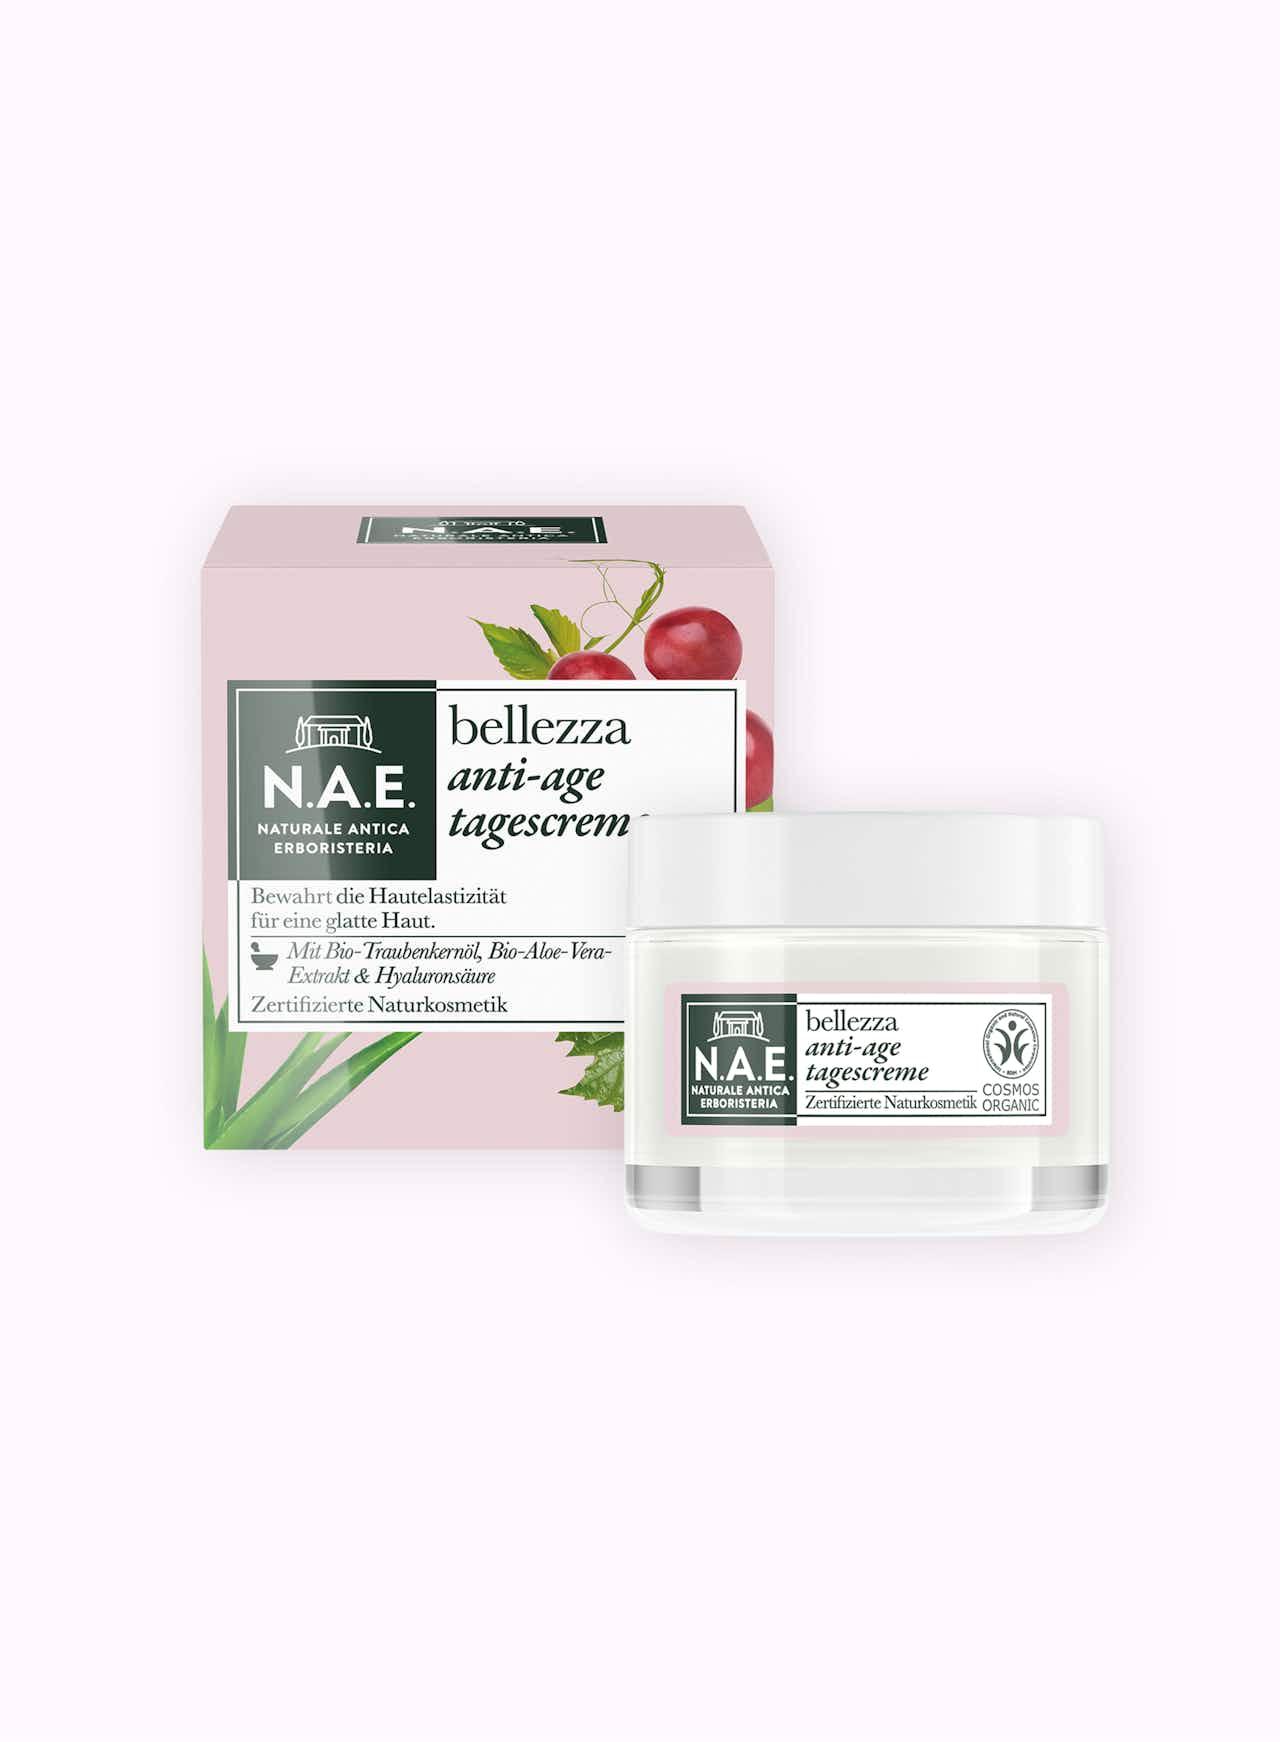 bellezza anti-age tagescreme | anti-age day cream